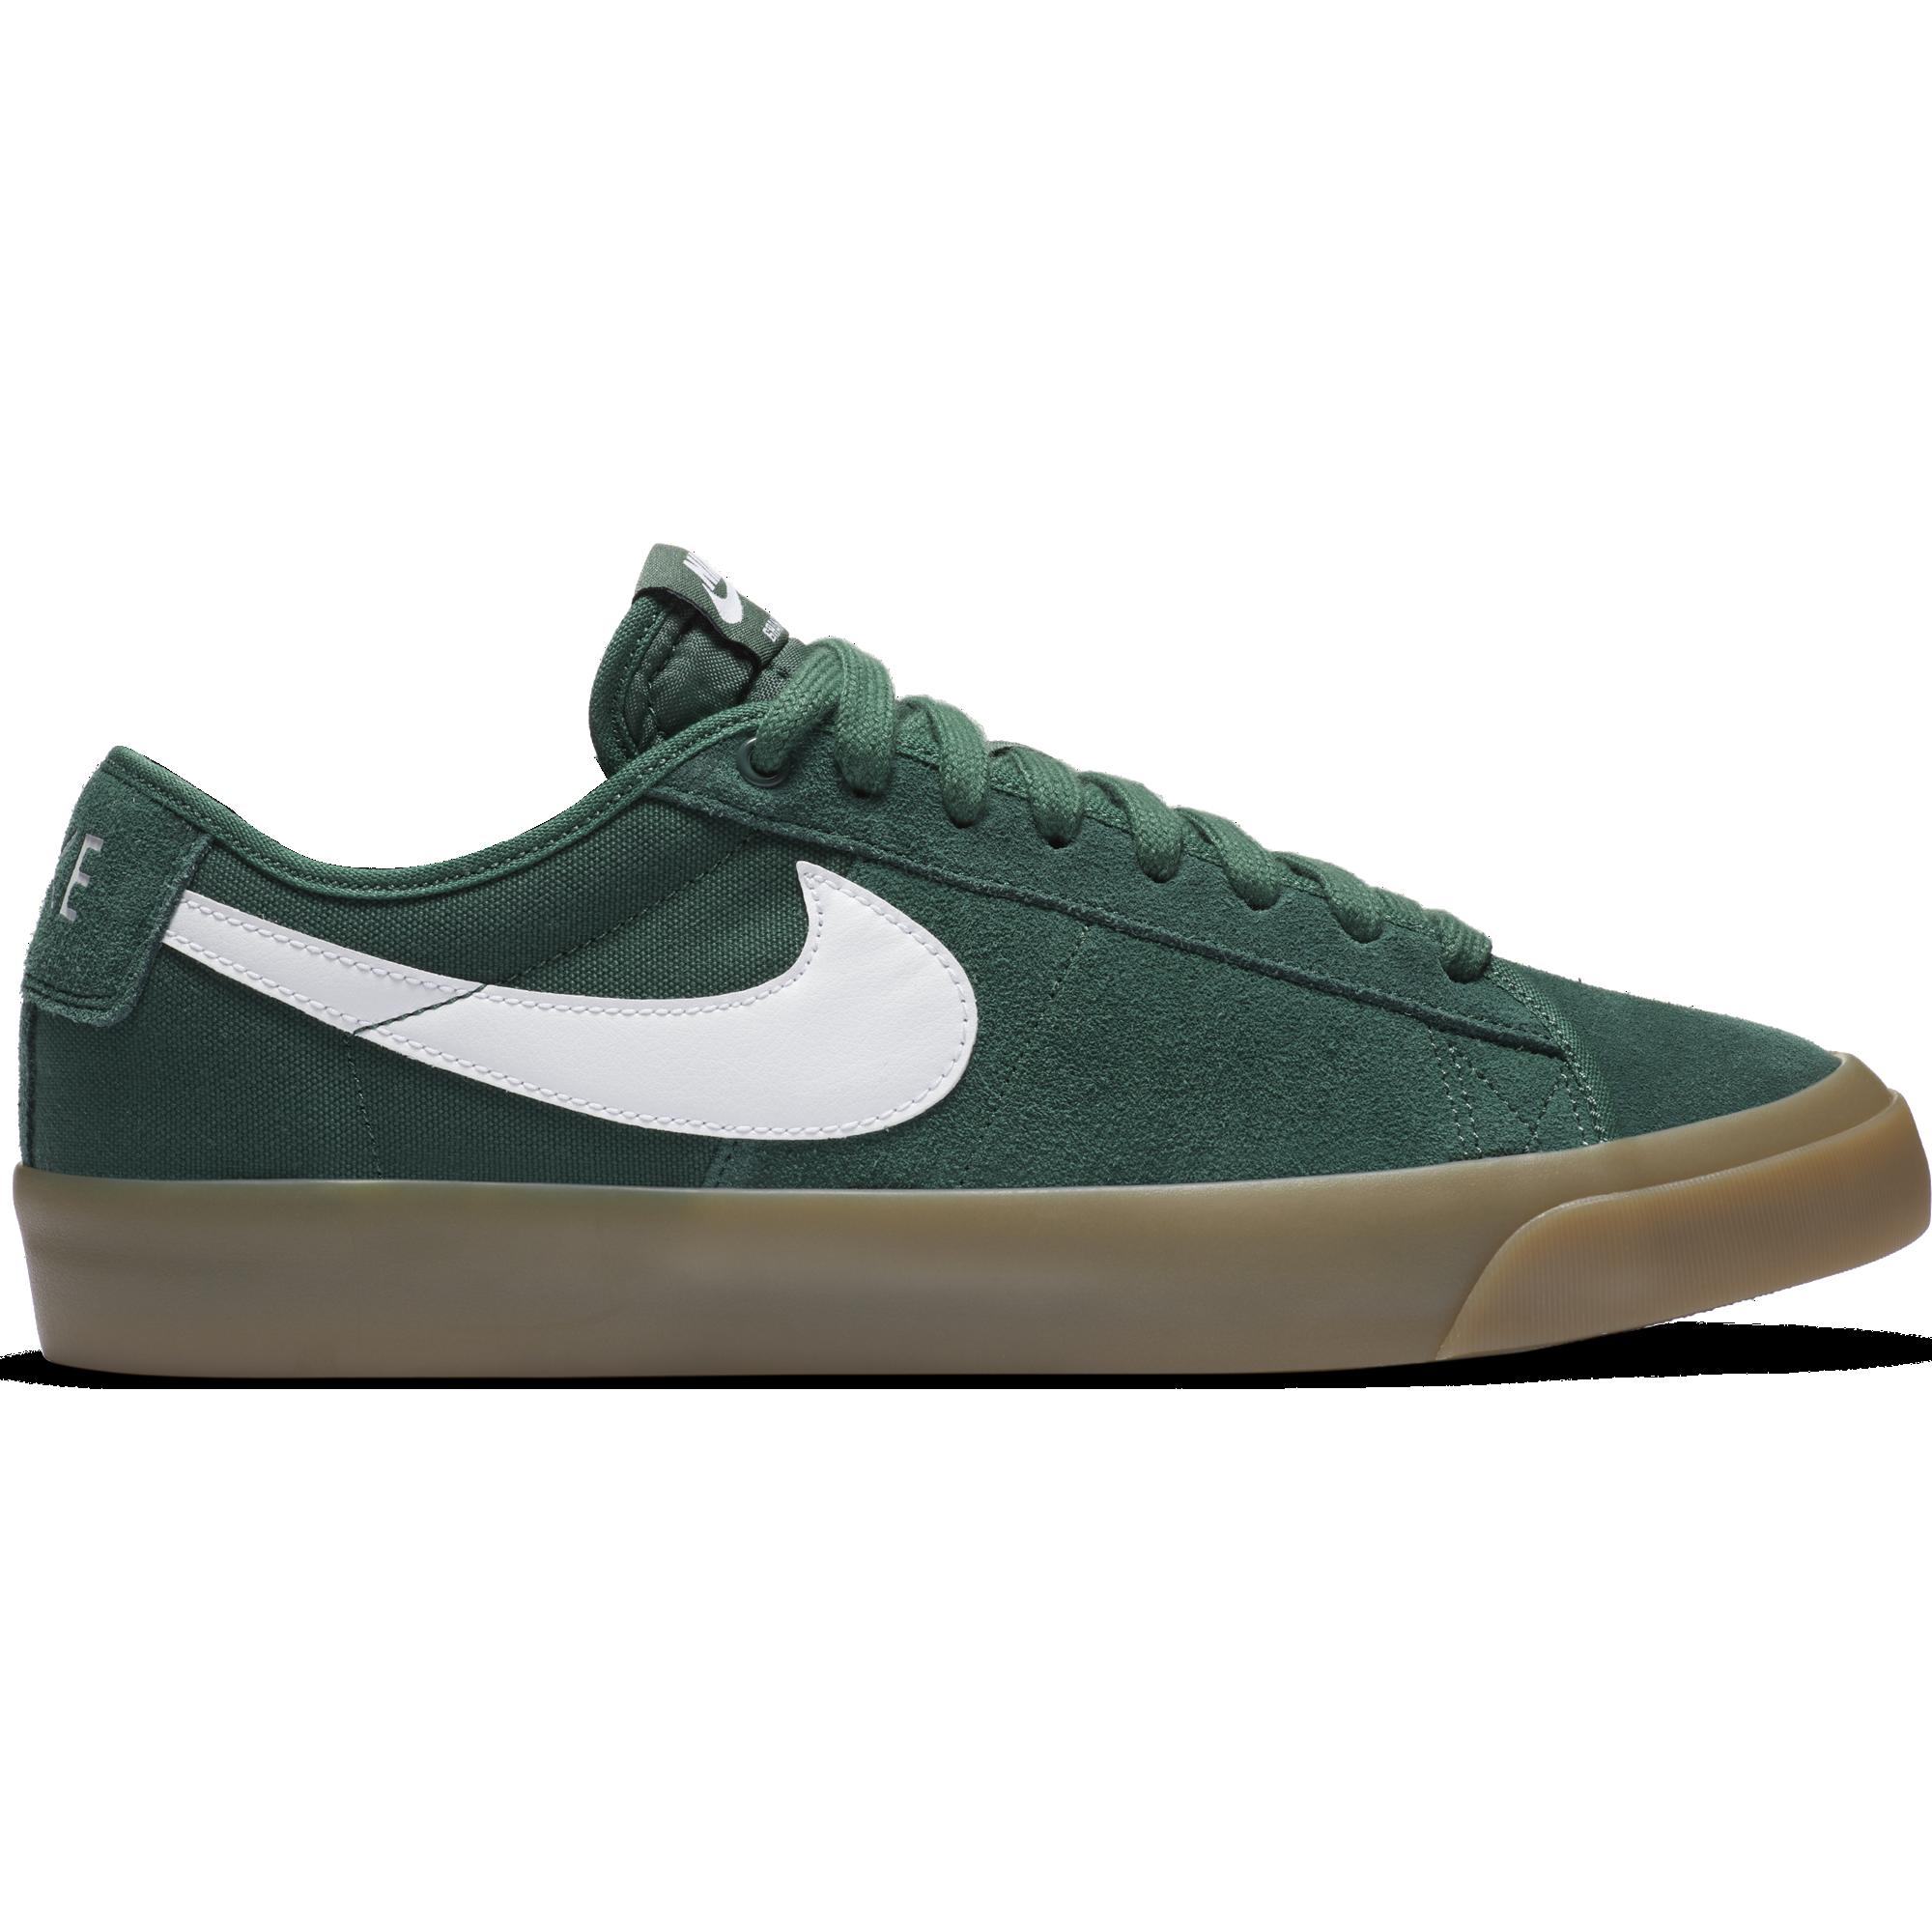 Nike SB ZOOM BLAZER LOW PRO GT 300